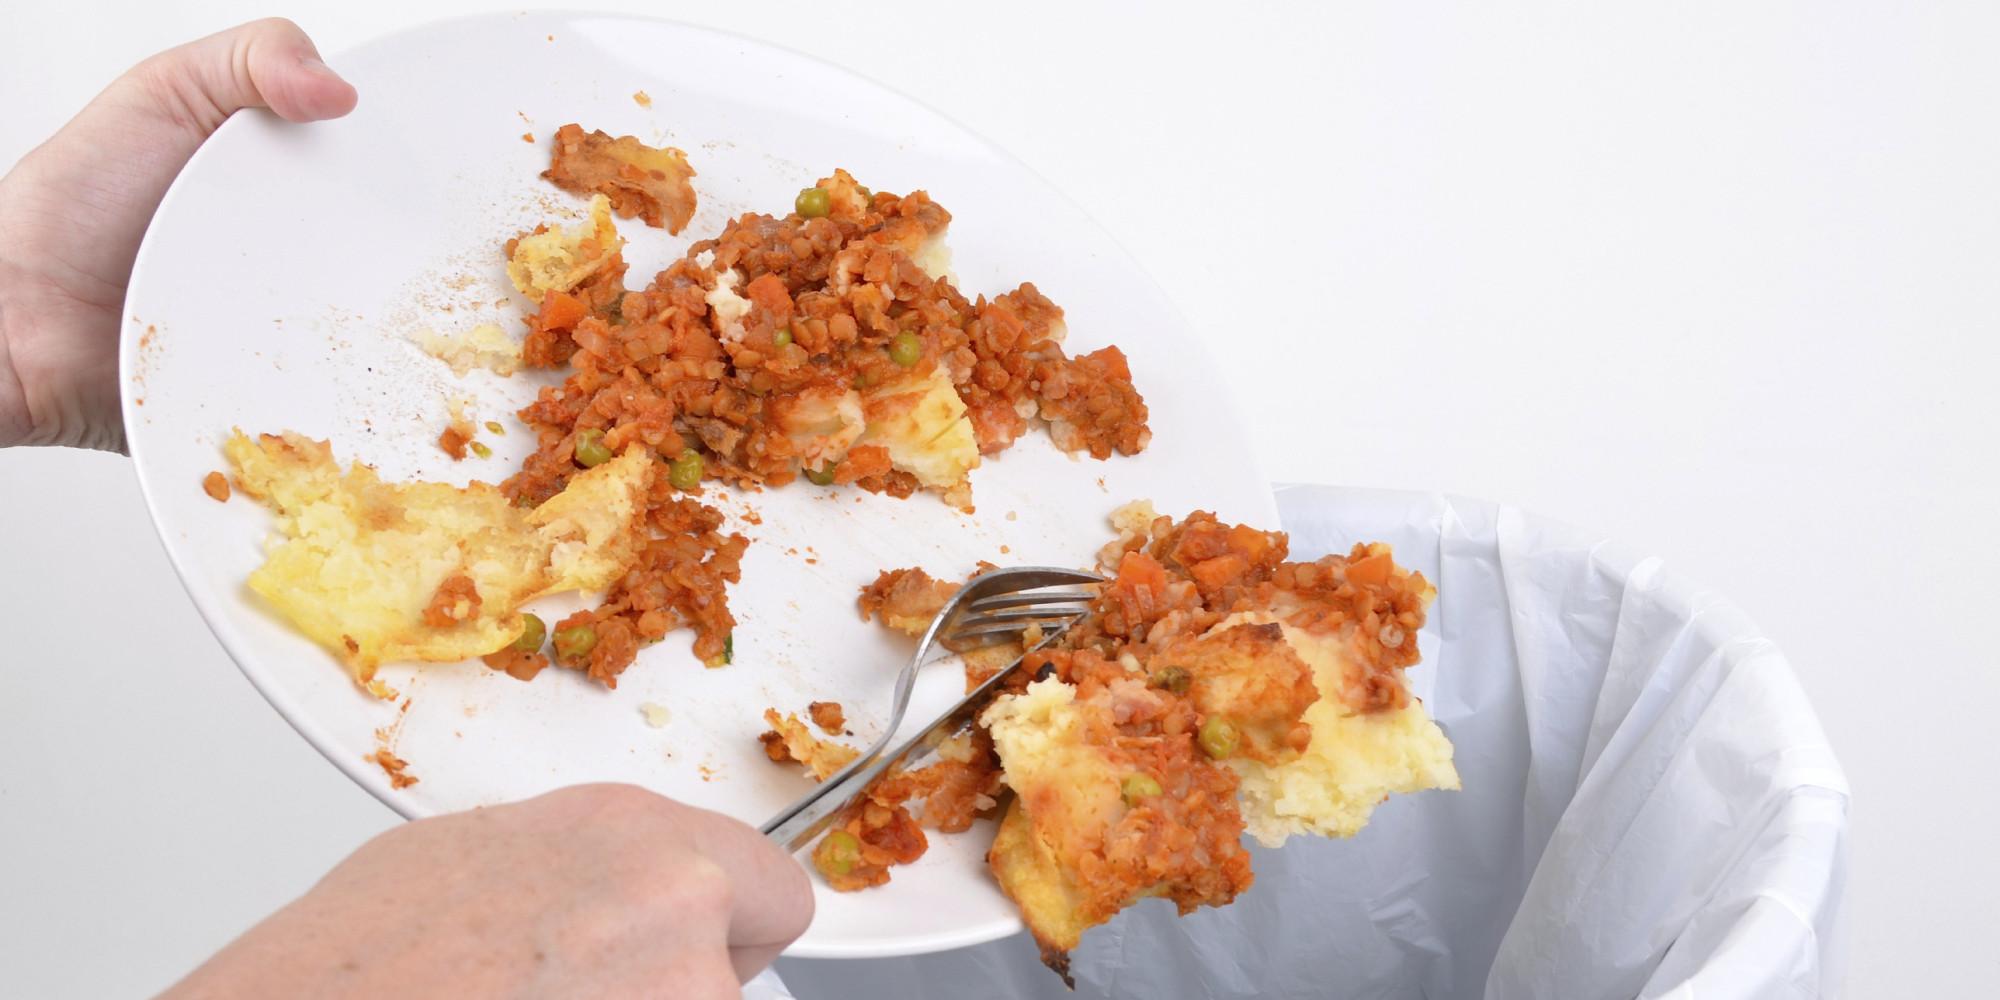 marnowanie jedzenia, despilfarro alimentario, apto para el consumo humano, wyrzucanie resztek, wyrzucanie jedzenia, czy wyrzucanie kości to marnowanie jedzenia, czy wyrzucanie skórek warzyw to marnowanie jedzenia